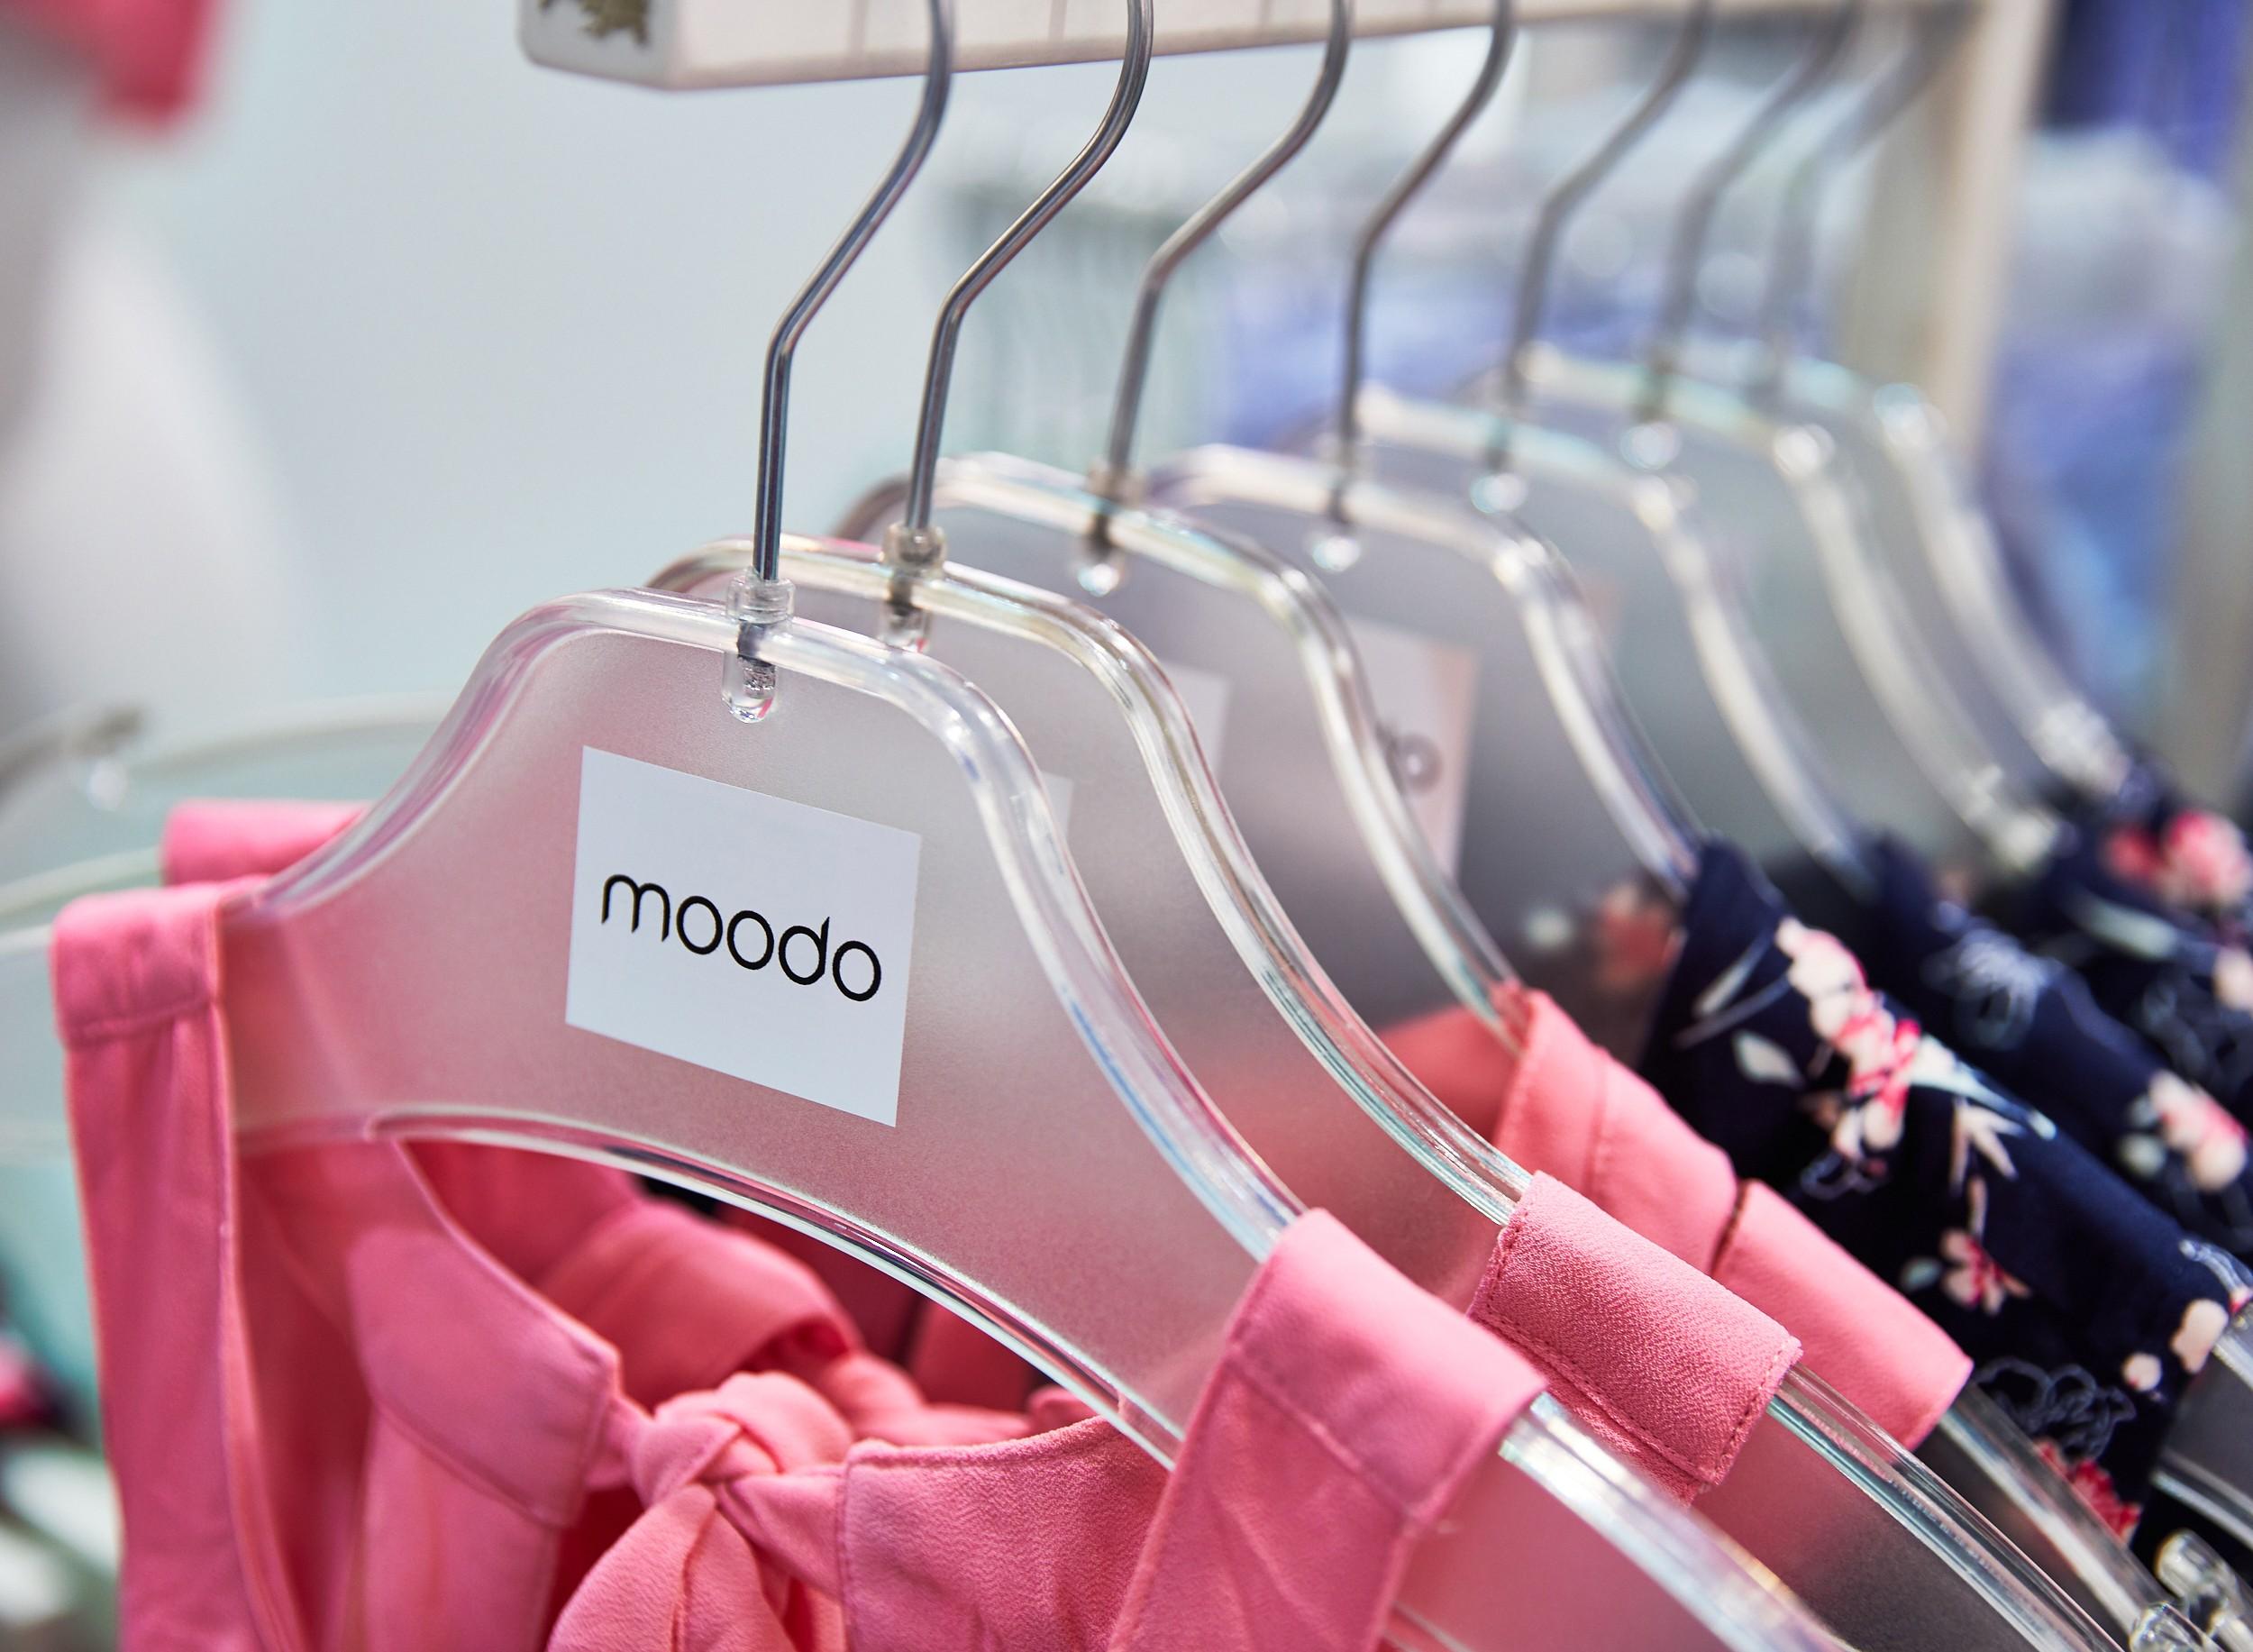 Sukces mierzony doświadczeniem: jak budować pozycję w branży odzieżowej nie tylko w metropoliach